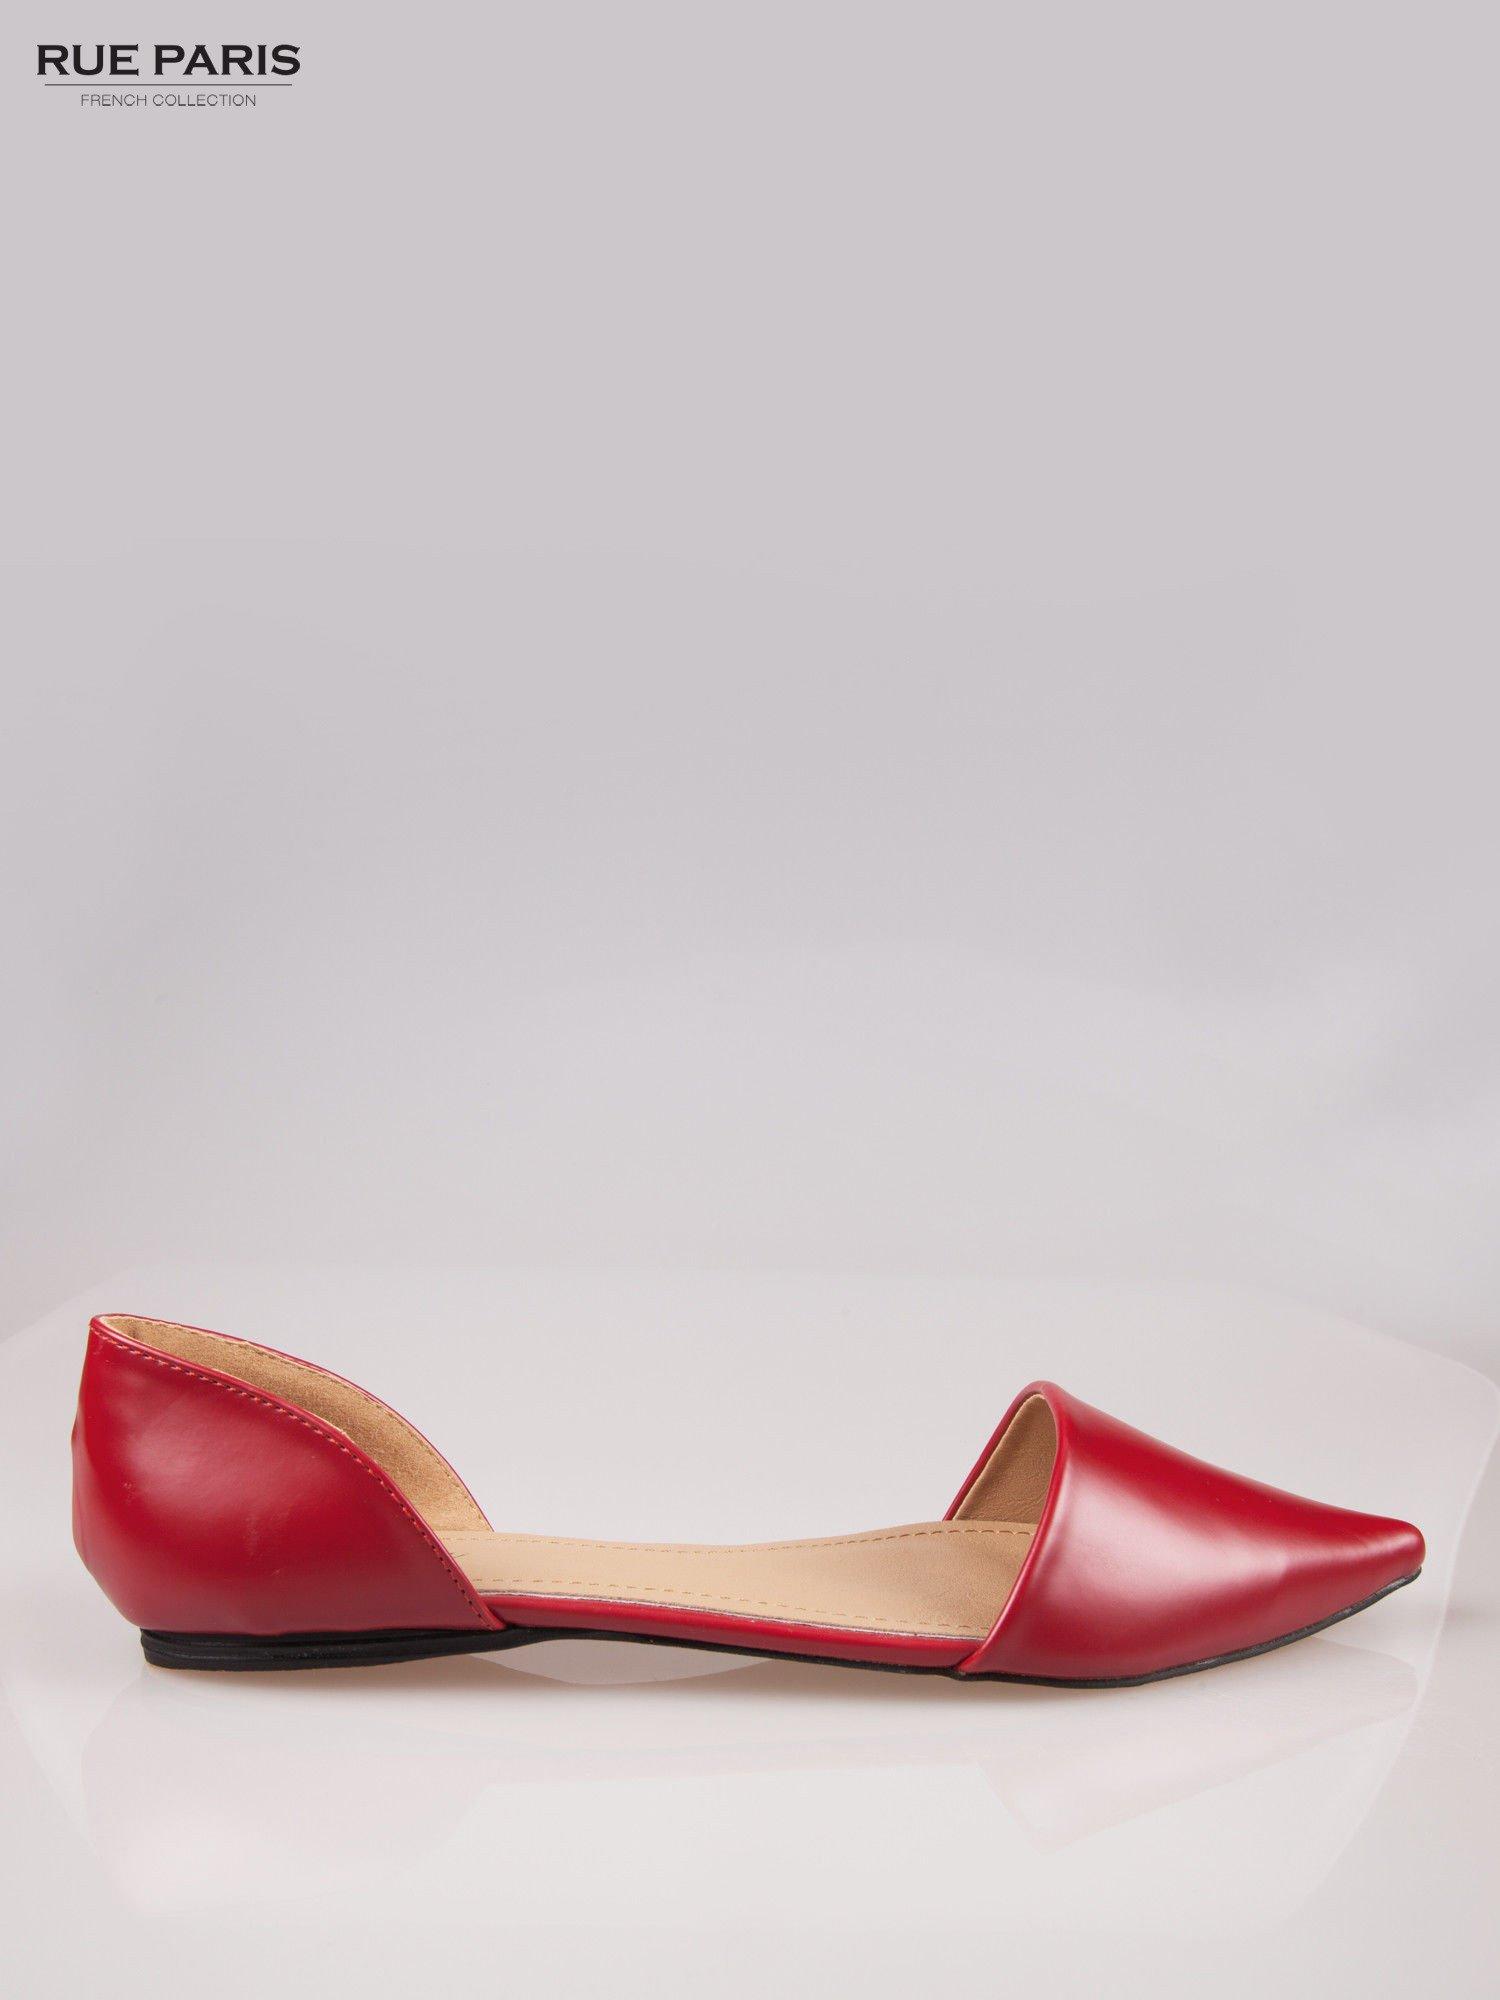 Czerwone baleriny faux leather Tiffany z wyciętymi bokami                                  zdj.                                  1